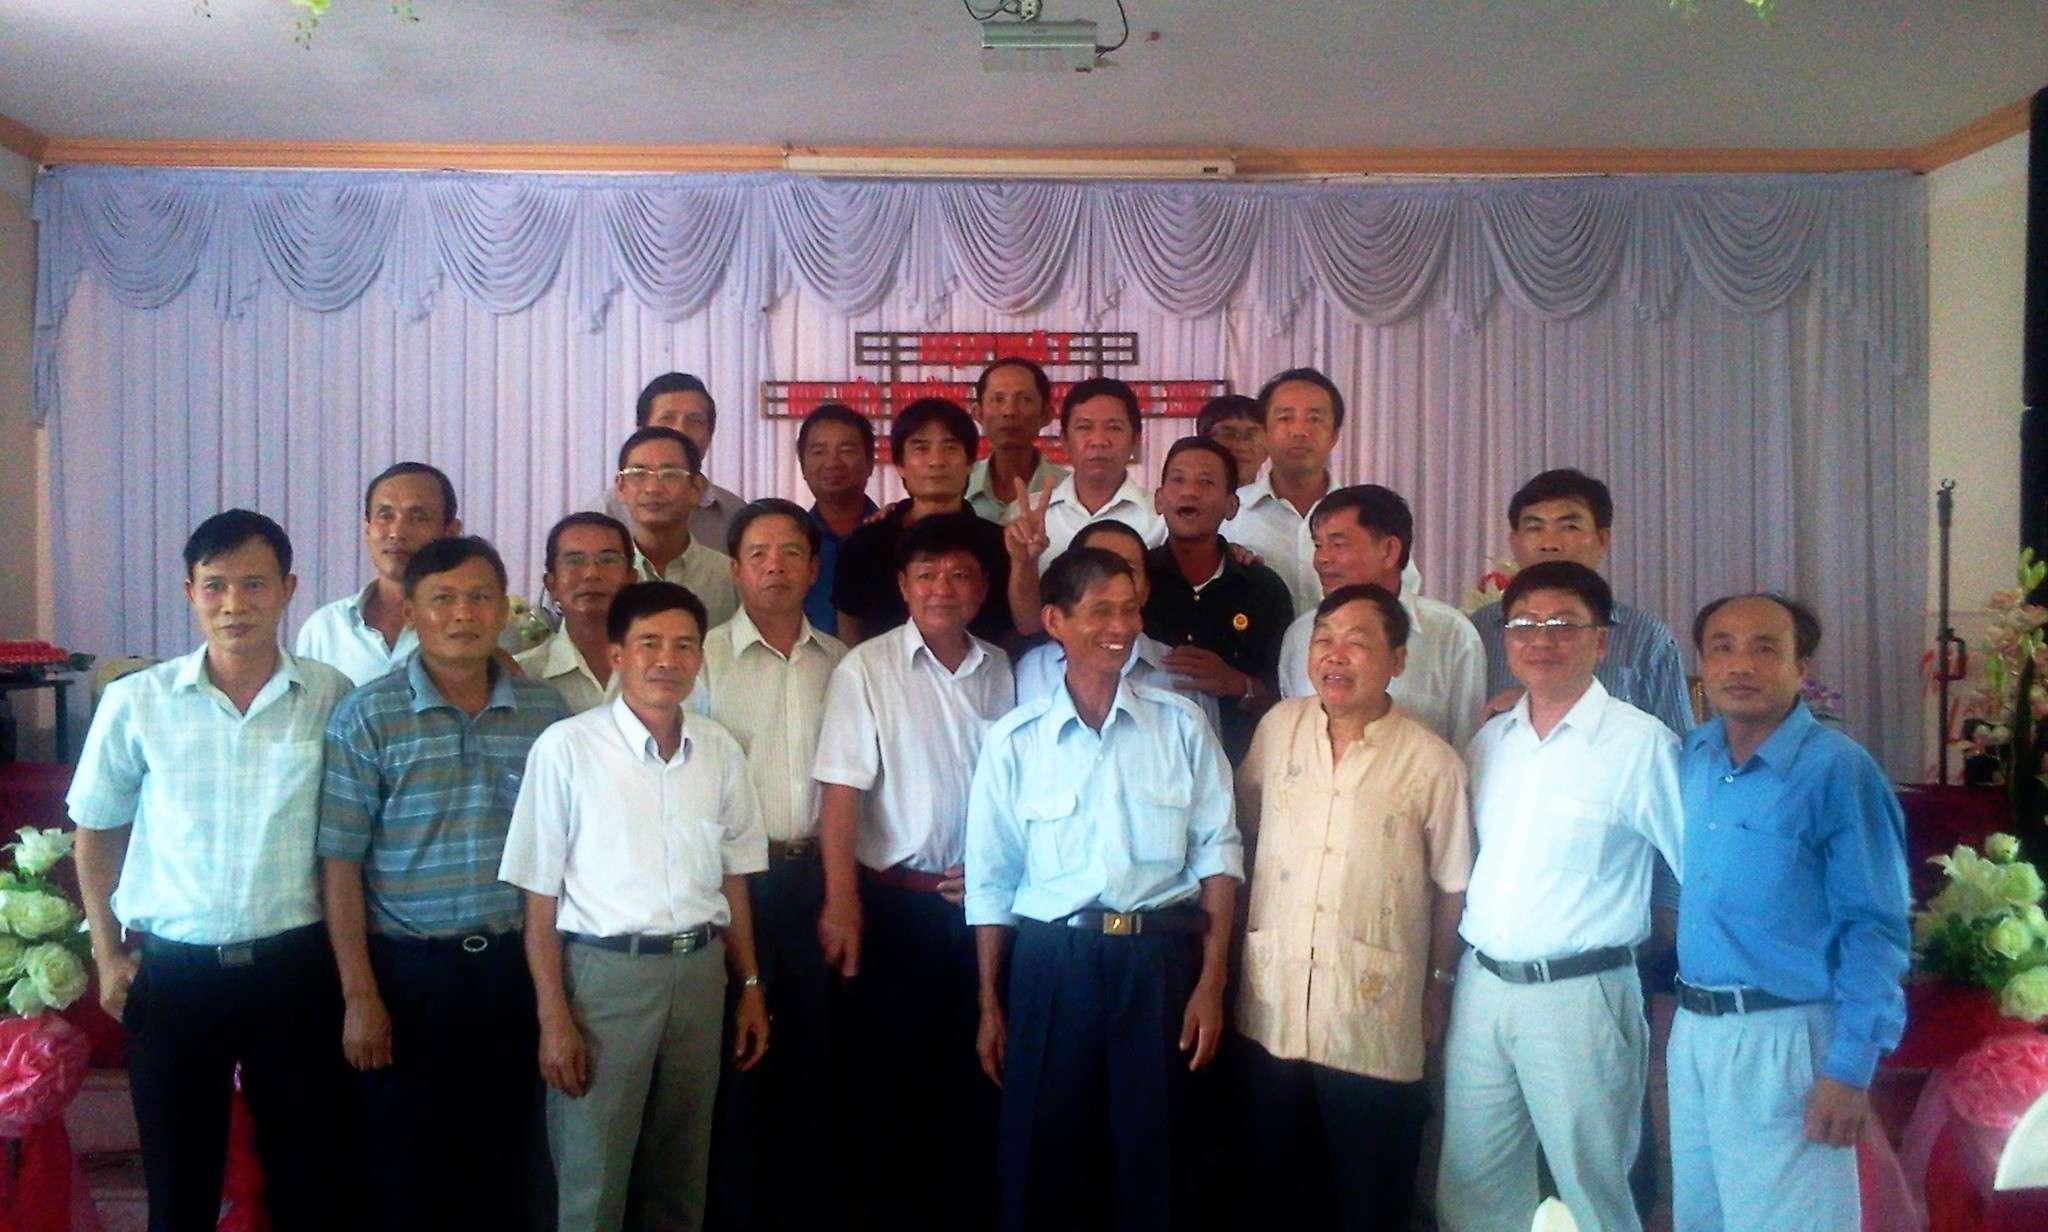 Hình ảnh cựu HV khóa 7 họp mặt kỷ niệm 25 năm tốt nghiệp SQLQ2 2012-034